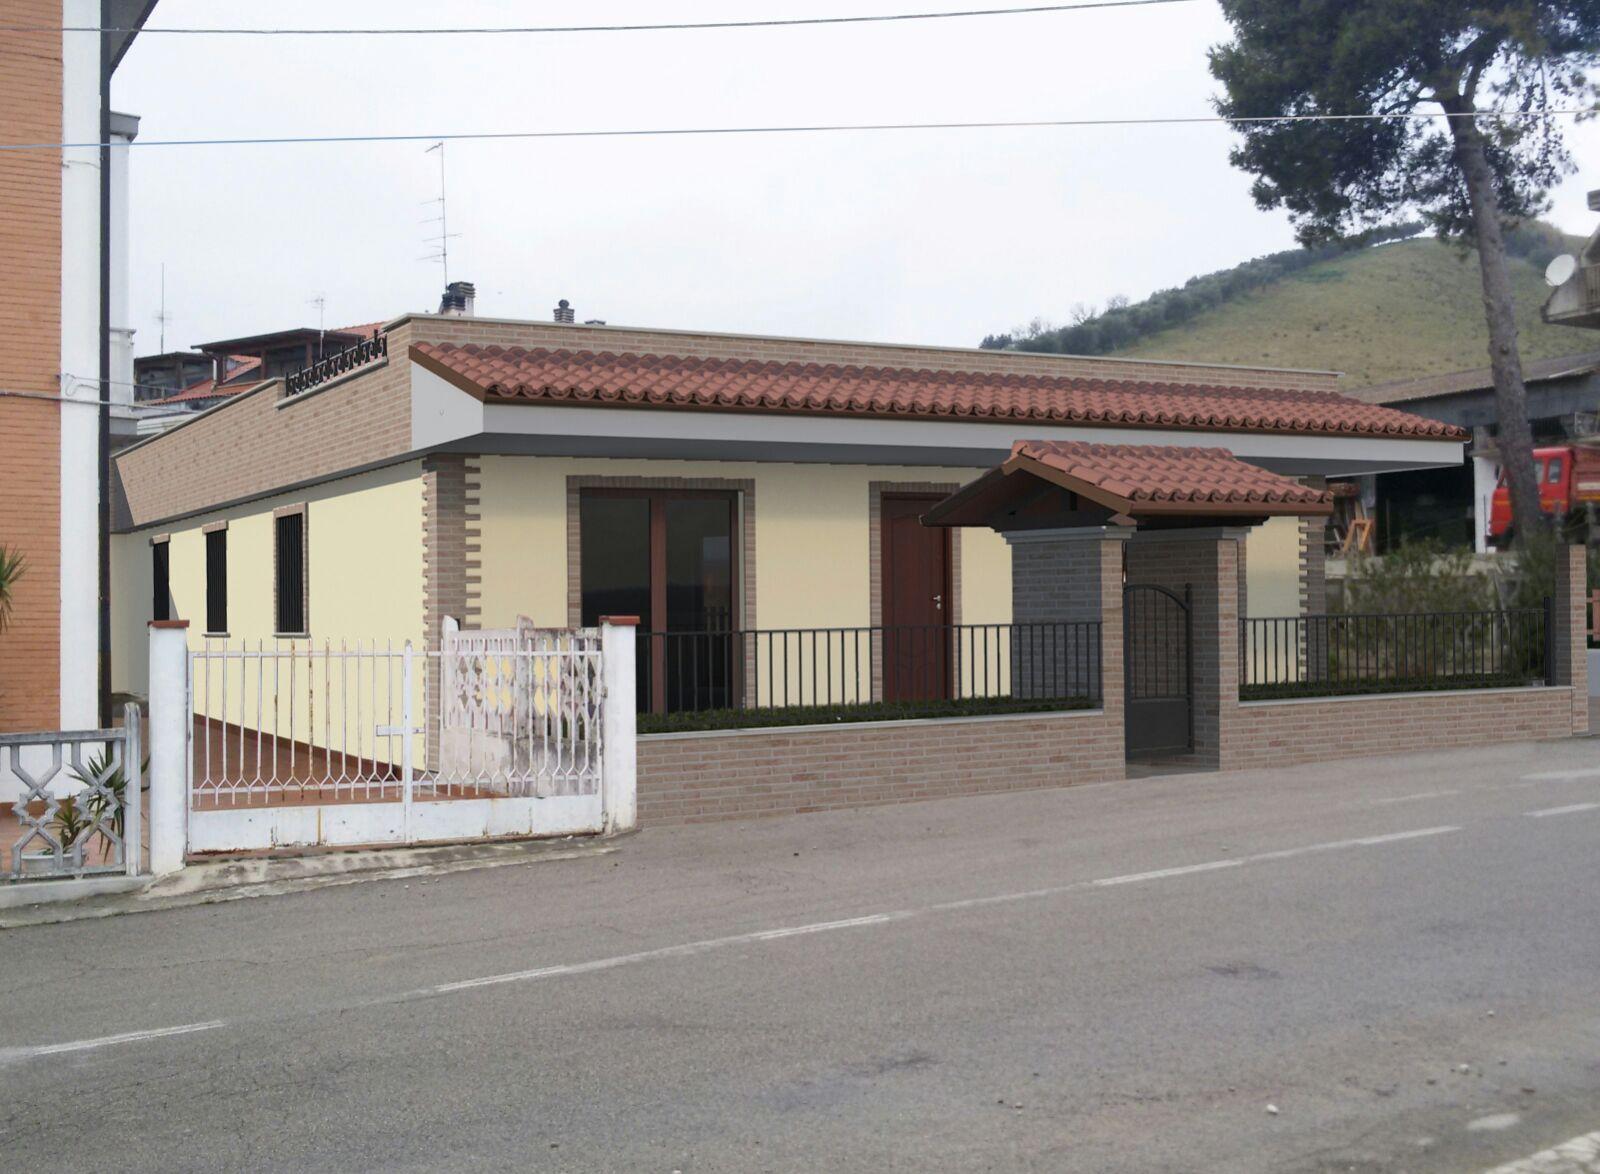 Villa in vendita a San Benedetto del Tronto, 4 locali, zona Località: PortodAscoli, Trattative riservate | CambioCasa.it